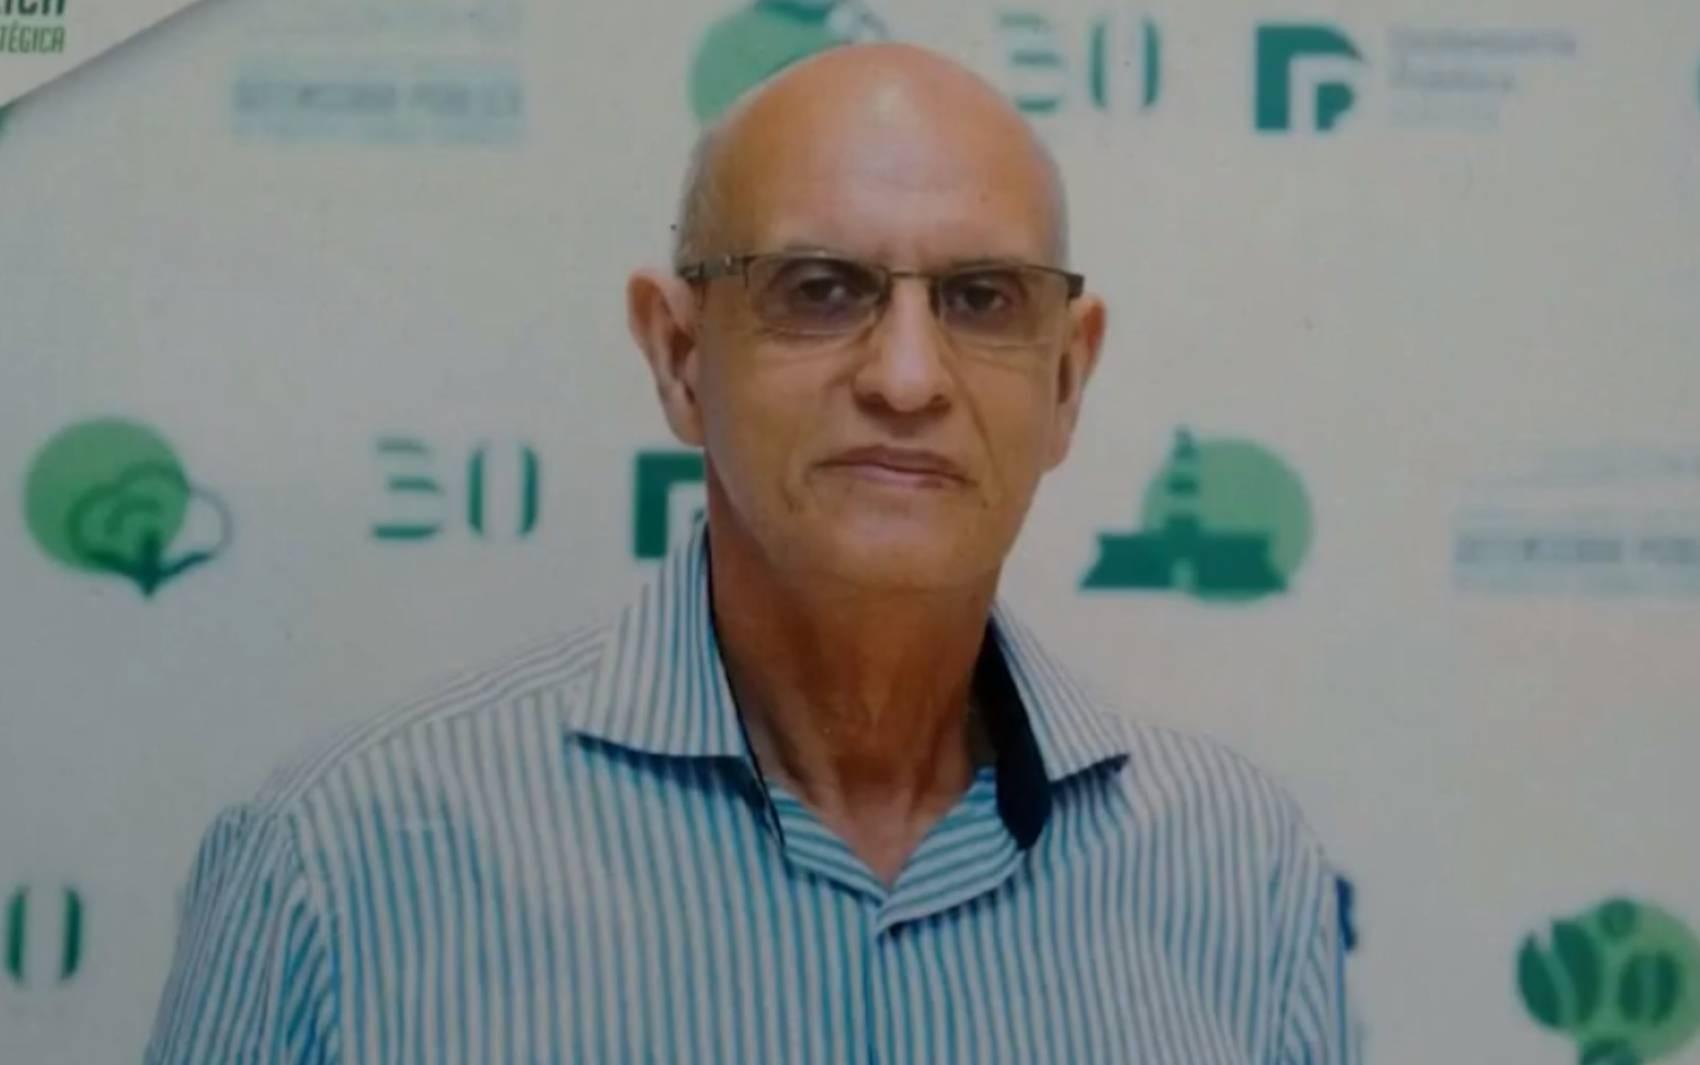 Defensor público da Bahia, Valdemir Novaes Pina, morre aos 64 anos em decorrência da Covid-19 em Salvador